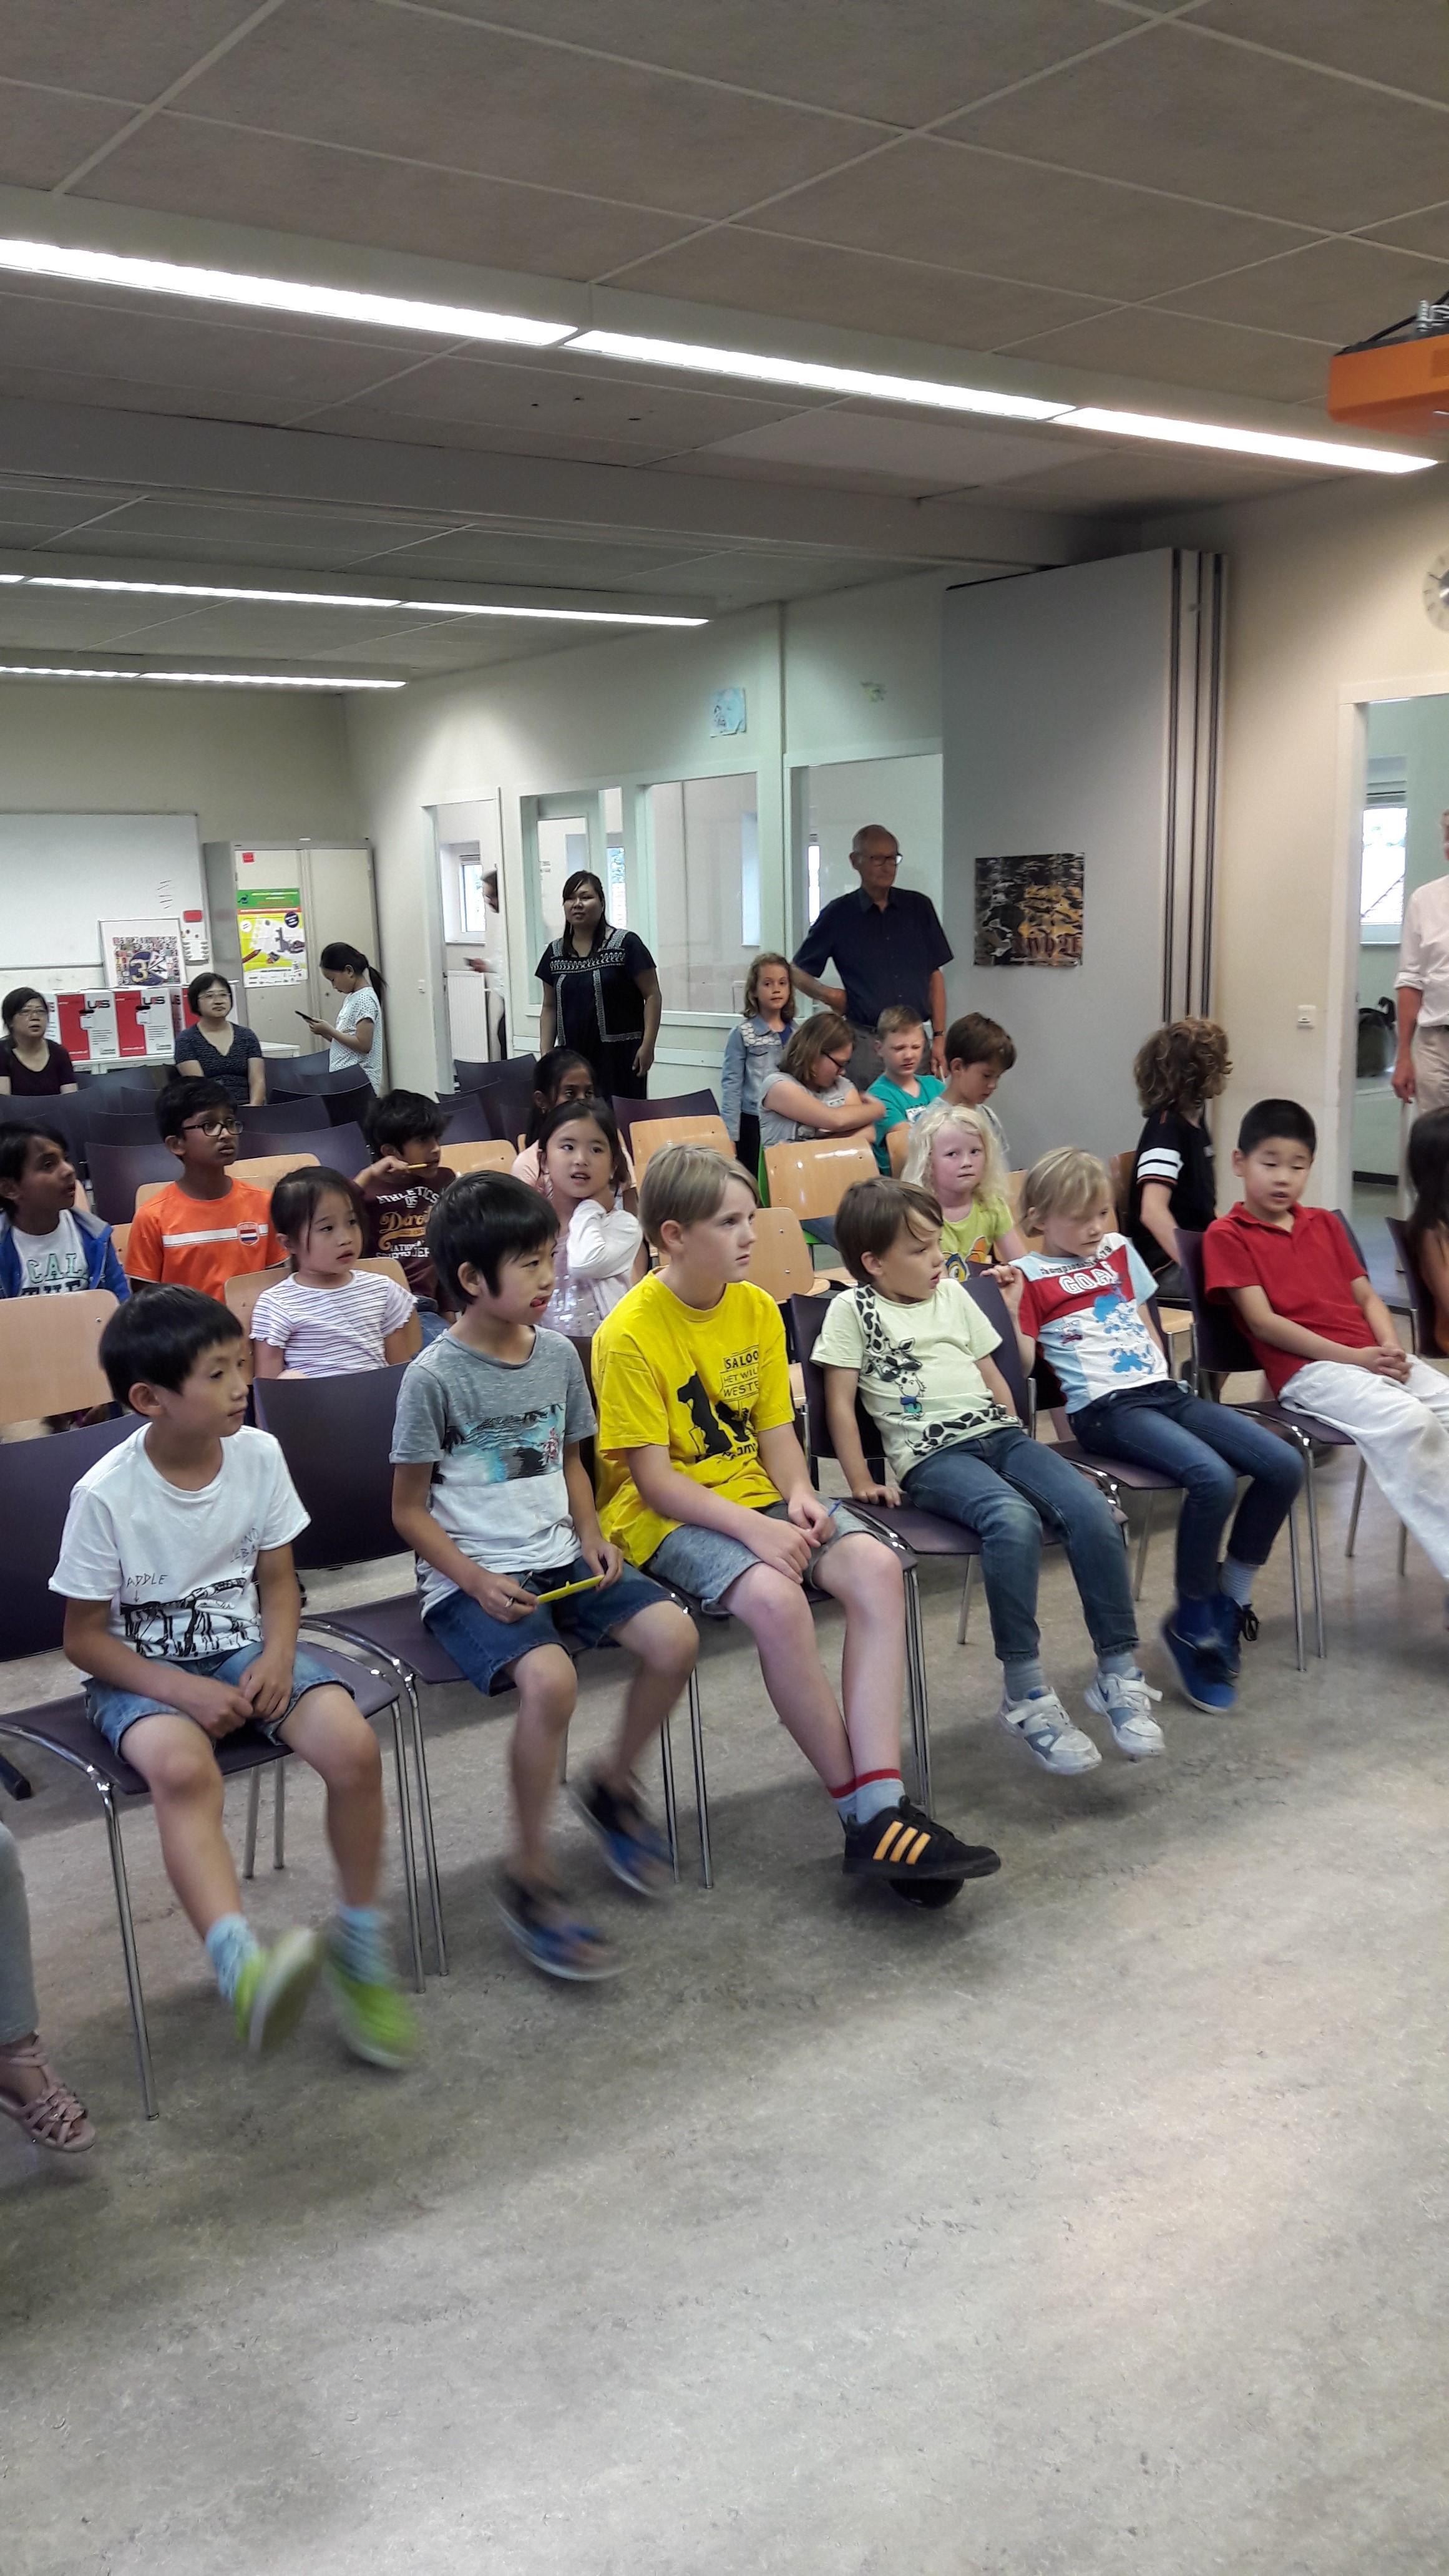 De kinderen wachten gespannen af